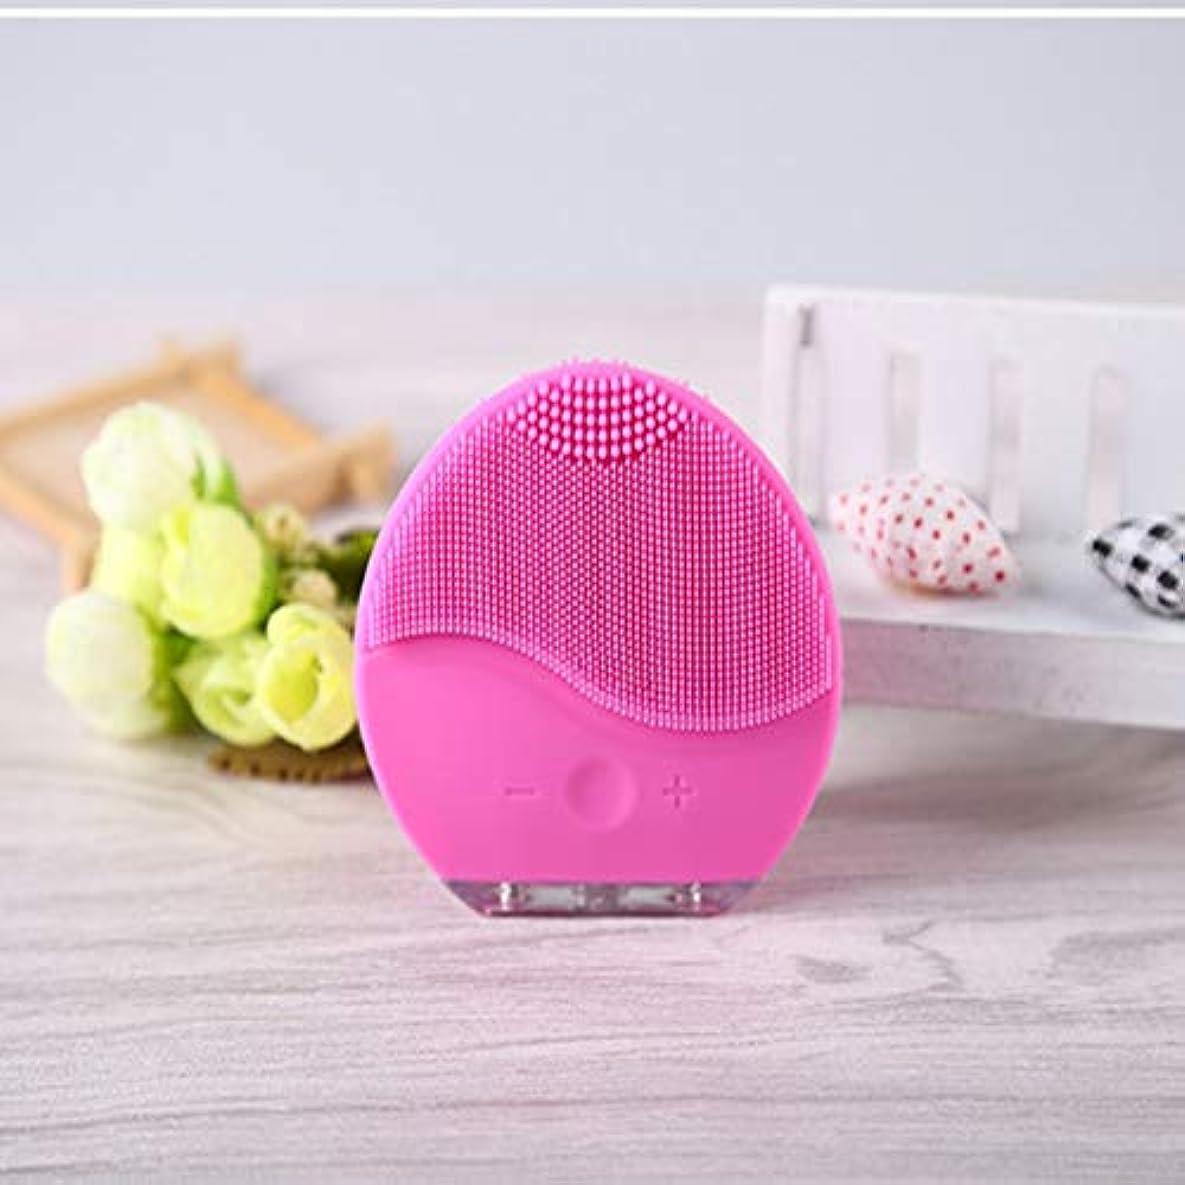 眠り専門化する戦闘シリコーンフェイシャルクレンザー、フェイシャルクレンジングブラシ防水シリコーンフェイスマッサージャーアンチエイジングスキンクレンジングシステムすべての肌タイプのためのフェイシャルポリッシュとスクラブ (Color : Pink)